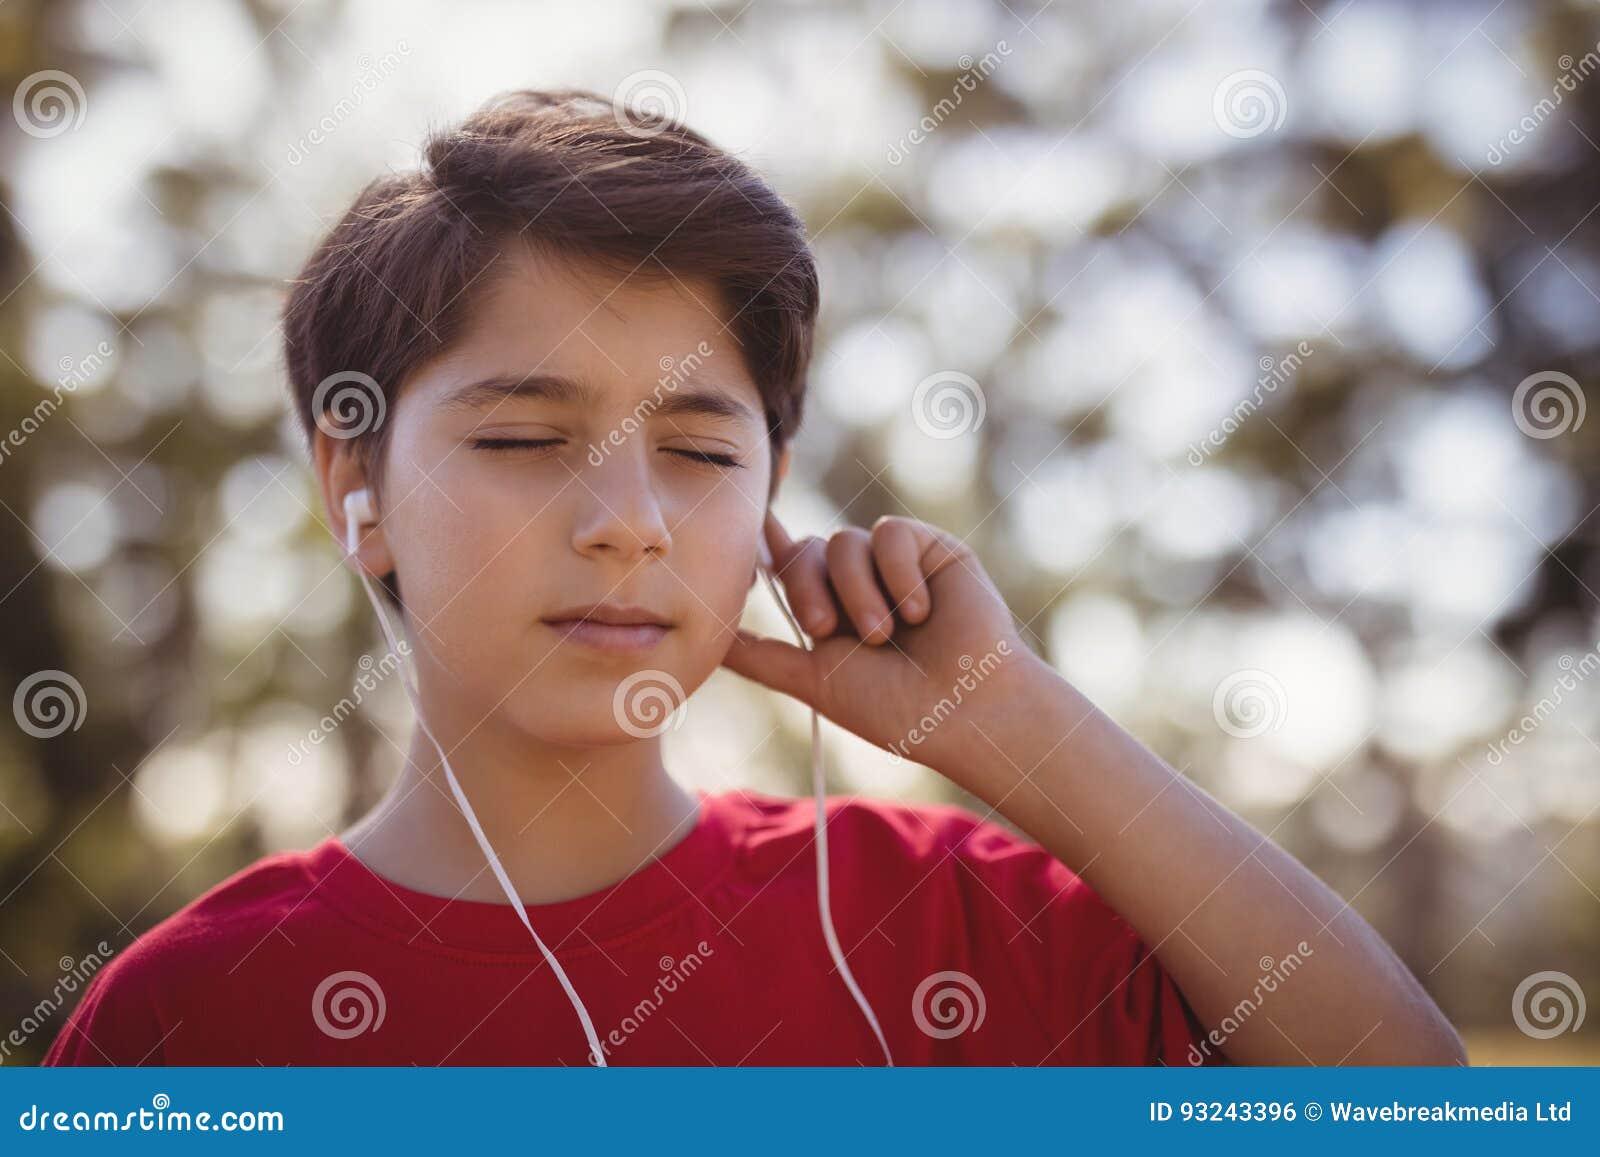 Primo piano di musica d ascolto del ragazzo sulle cuffie durante la corsa ad ostacoli